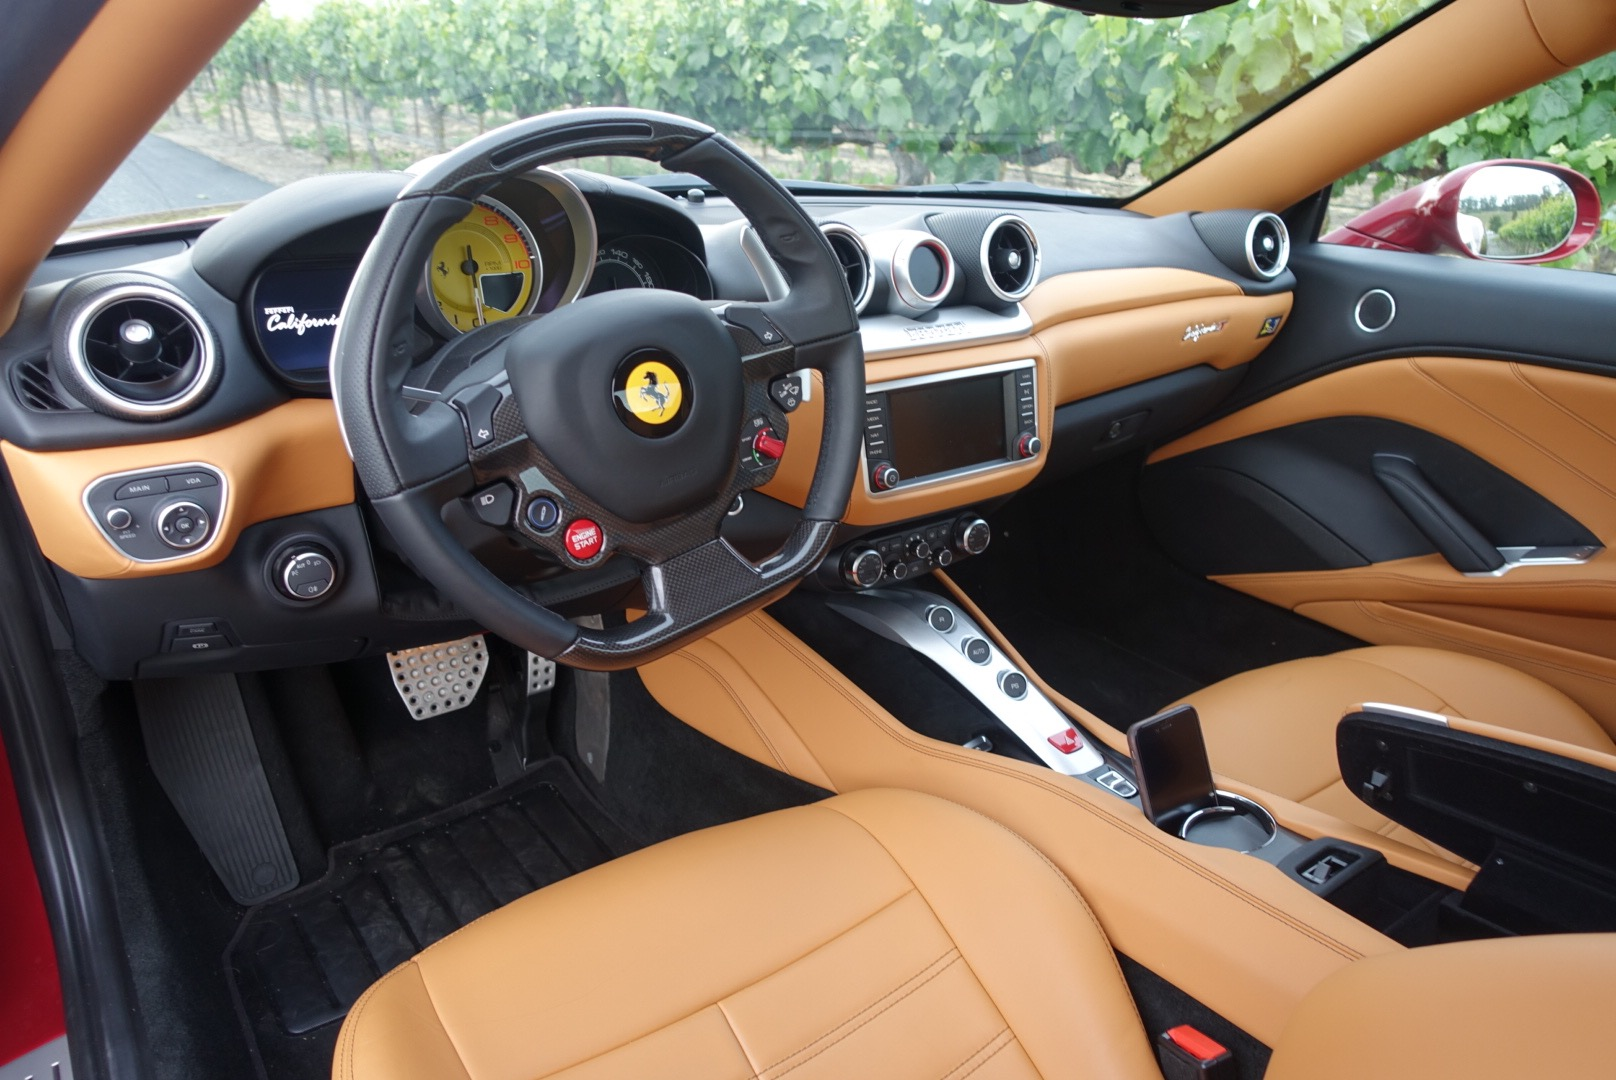 Ferrari californiat interior design milk for Ferrari california t interieur